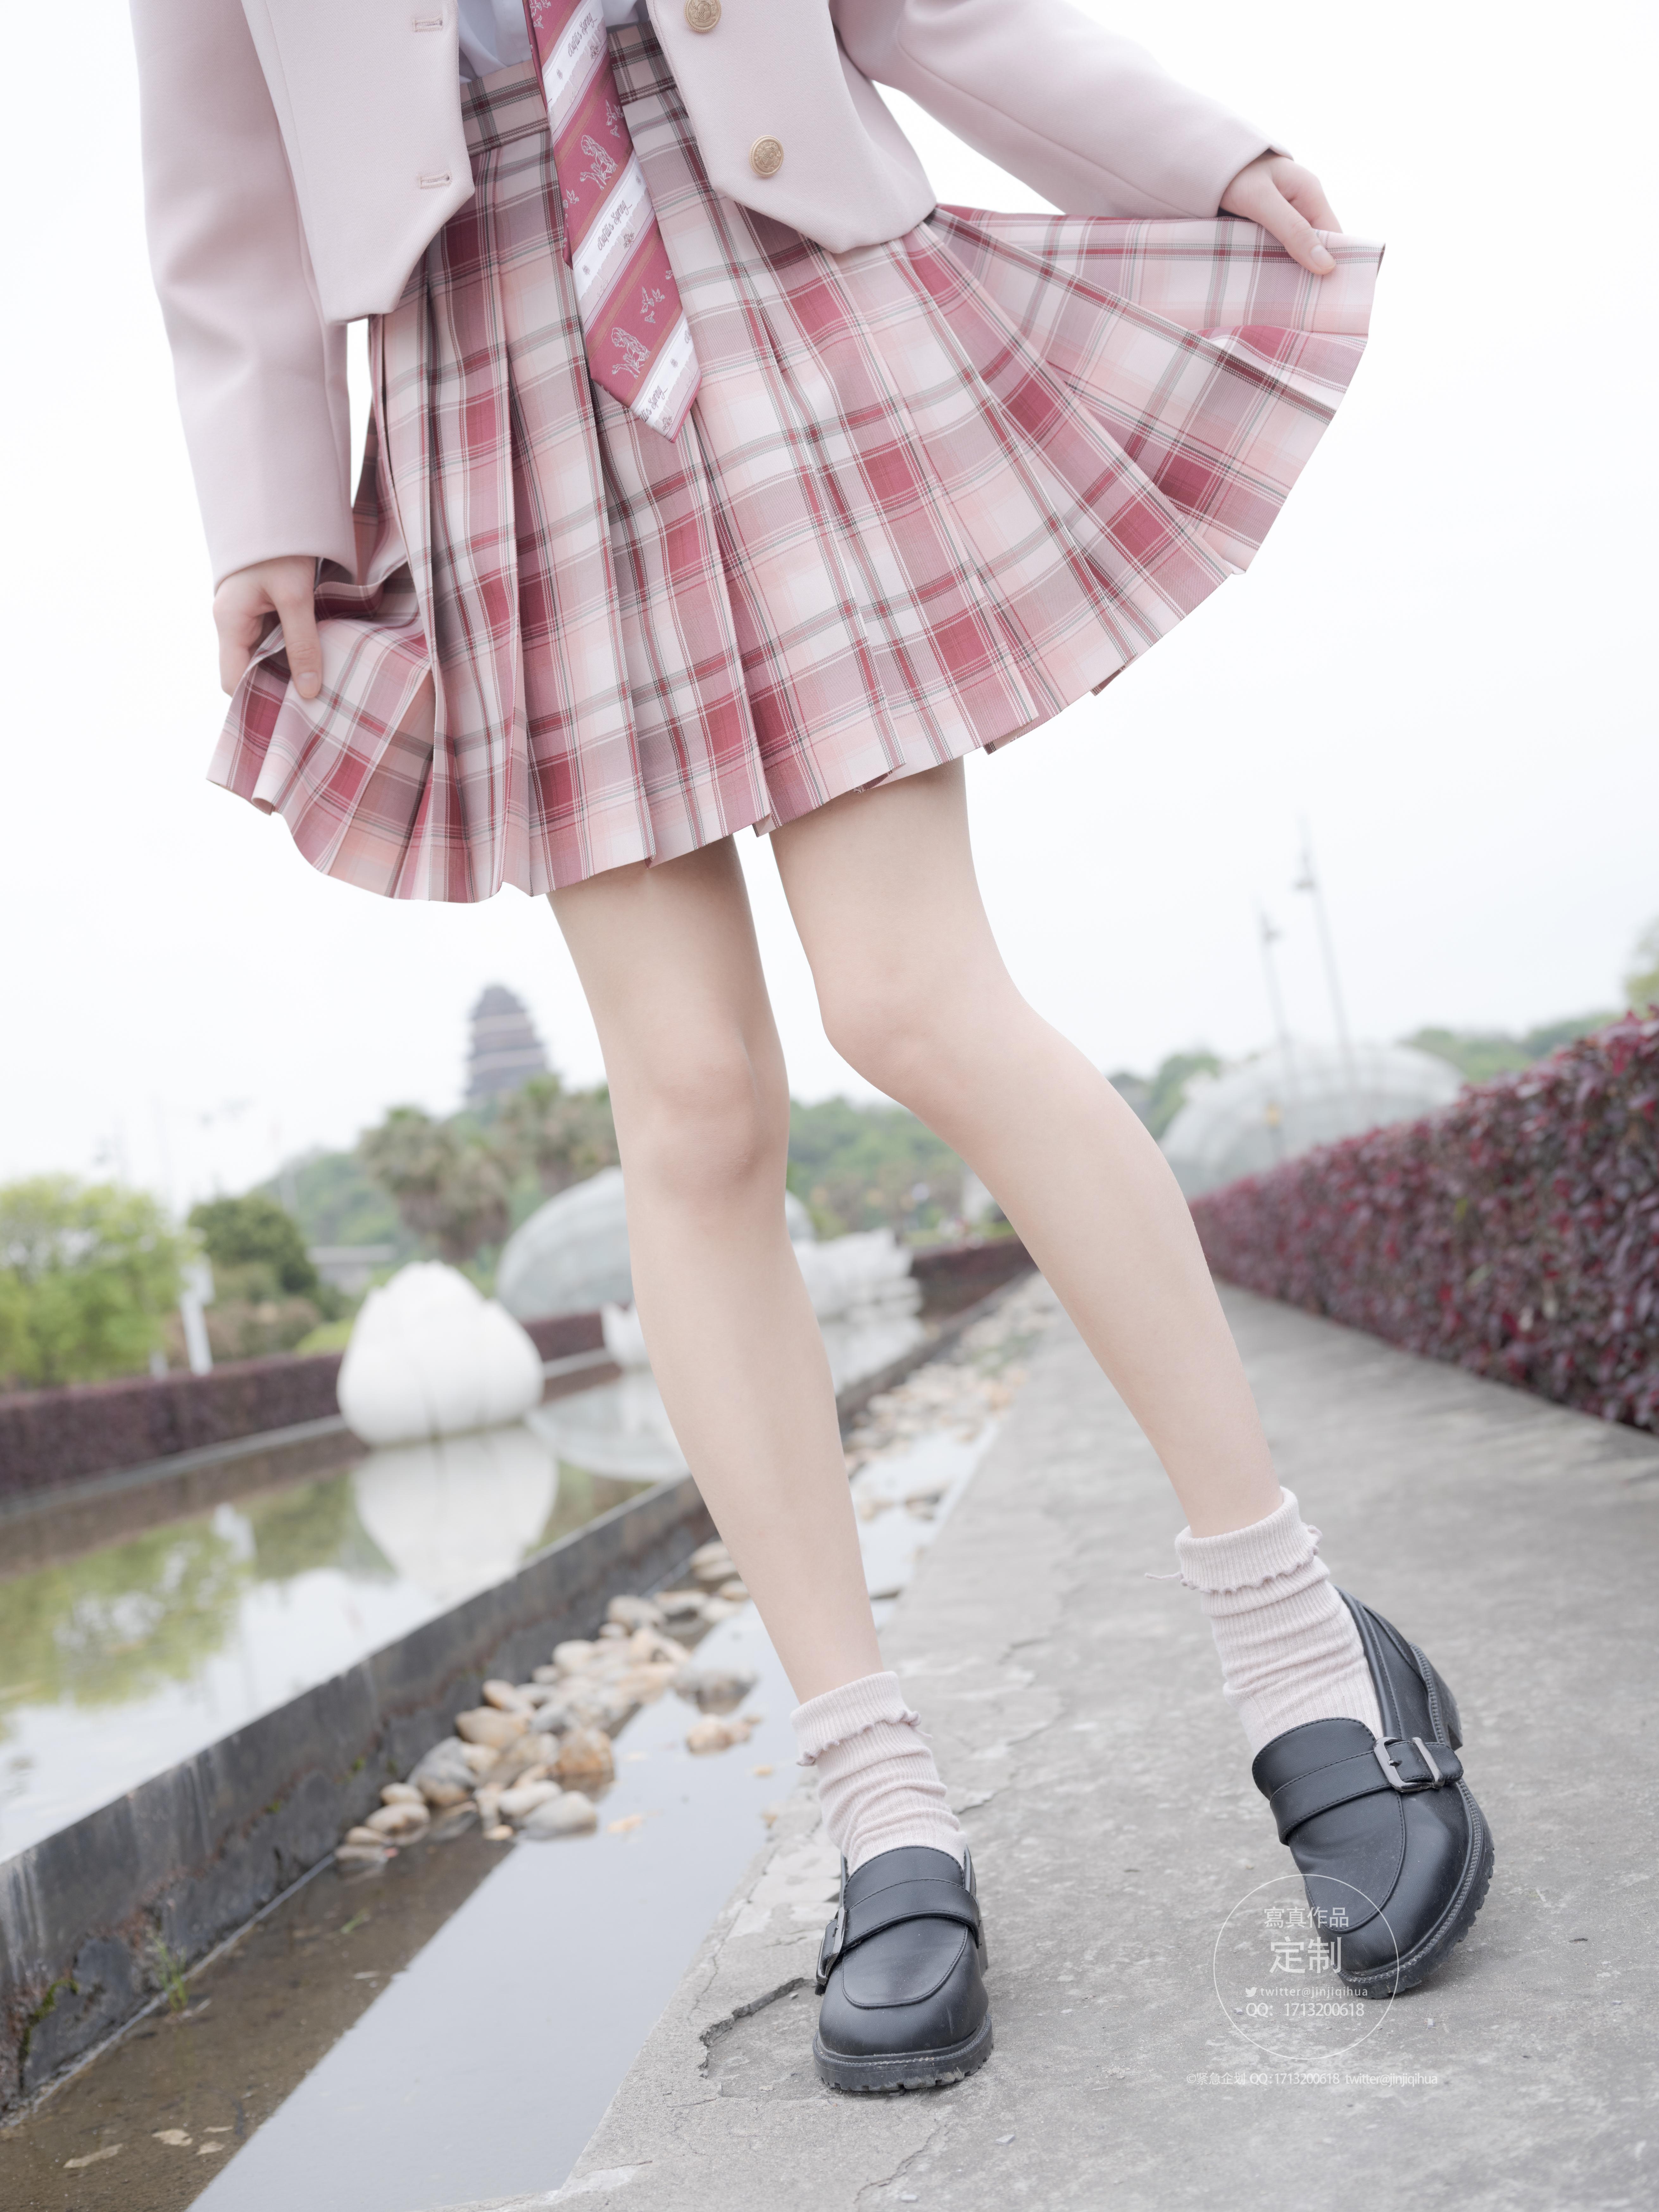 《紧急企划》美少女JK小方格短裙写真系列鉴赏-觅爱图